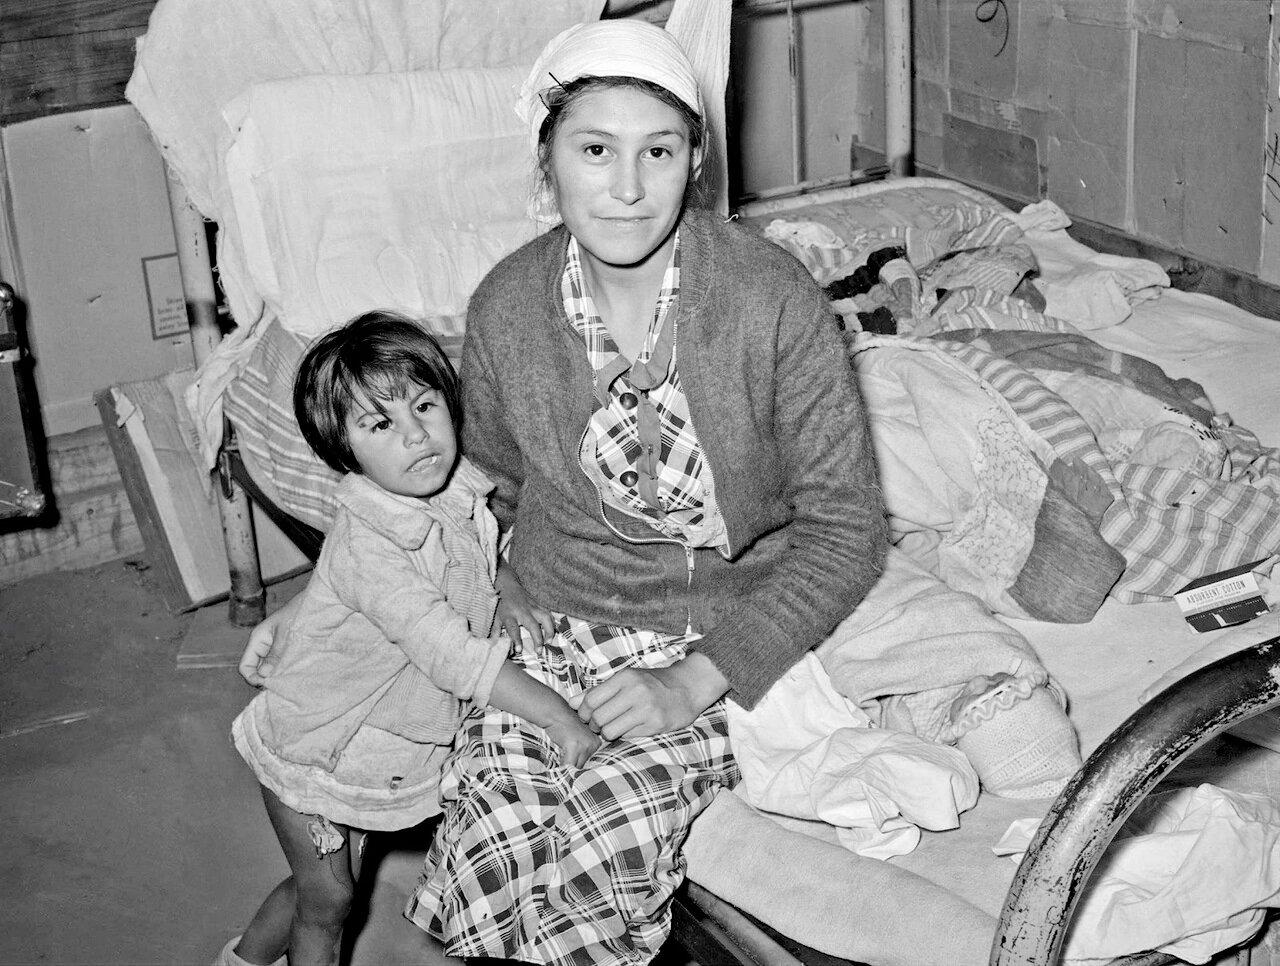 Мексиканка с ребенком в доме. Кристал-сити, Техас. Женщина родила ребенка на этой кровати, будучи больной хронической гонореей, 1939